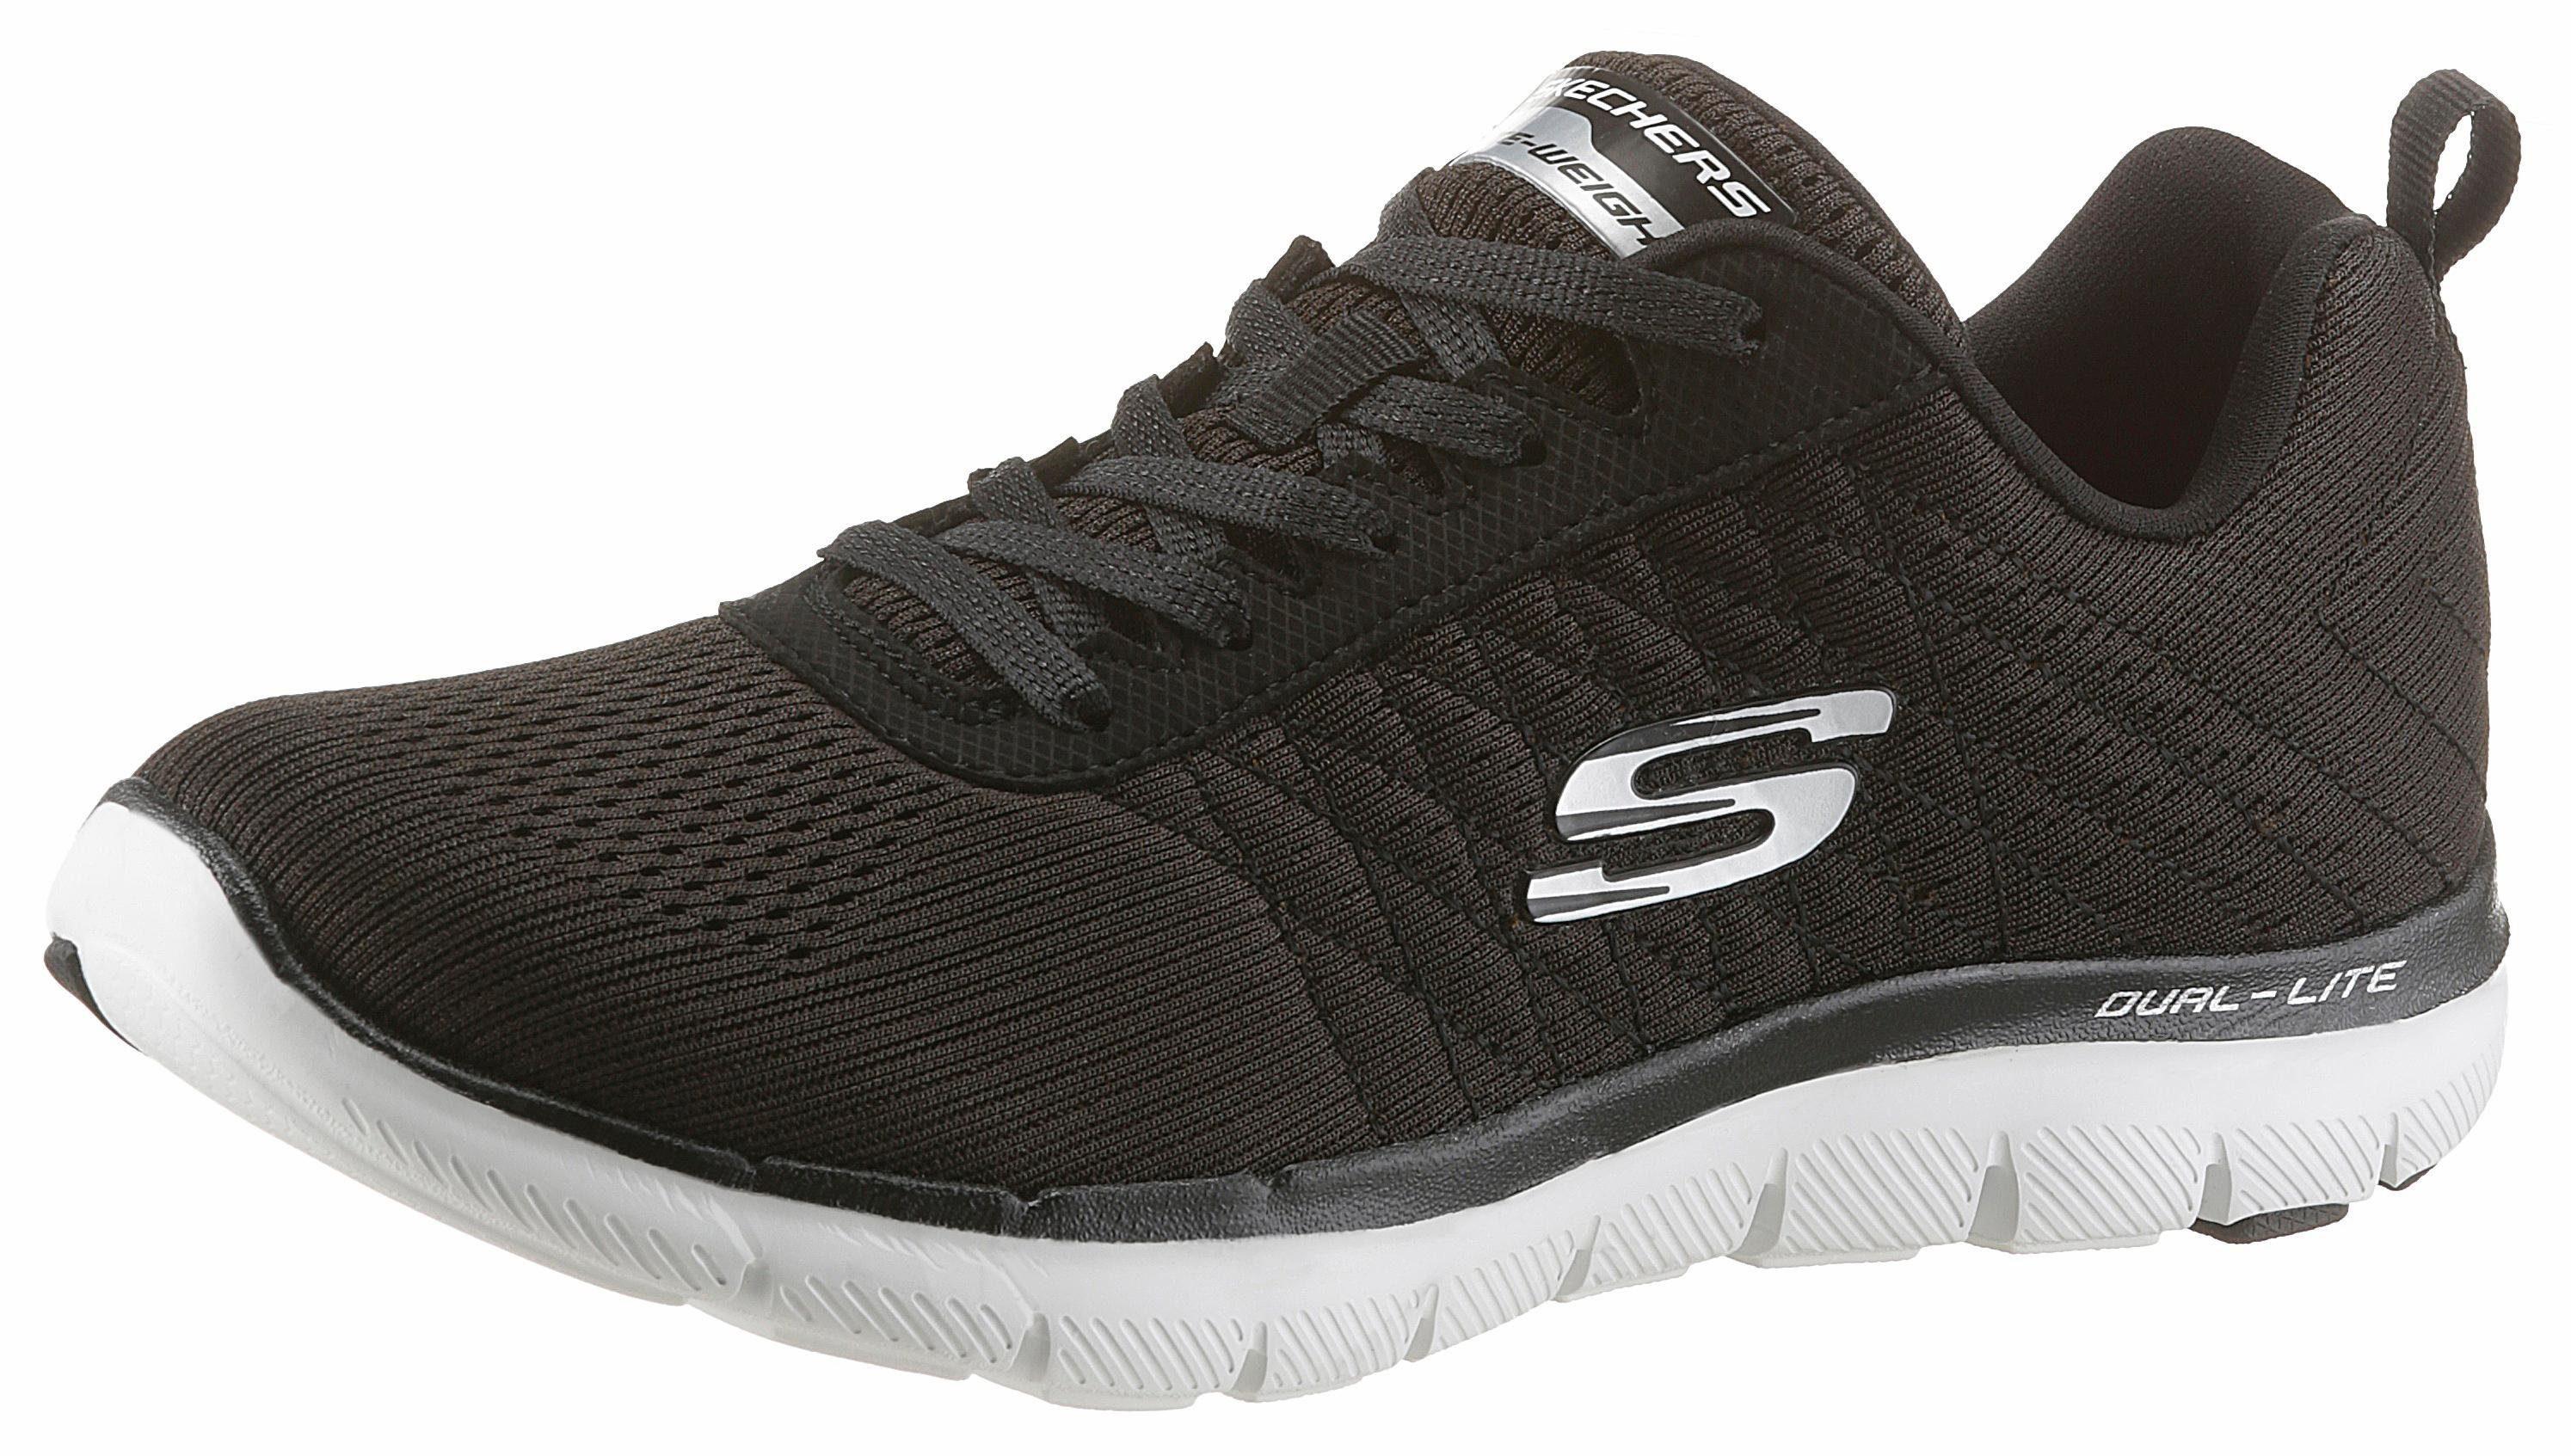 Skechers »Flex Appeal 2.0 Break Free« Sneaker, mit Dämpfung durch Air Cooled Memory Foam, schwarz, schwarz